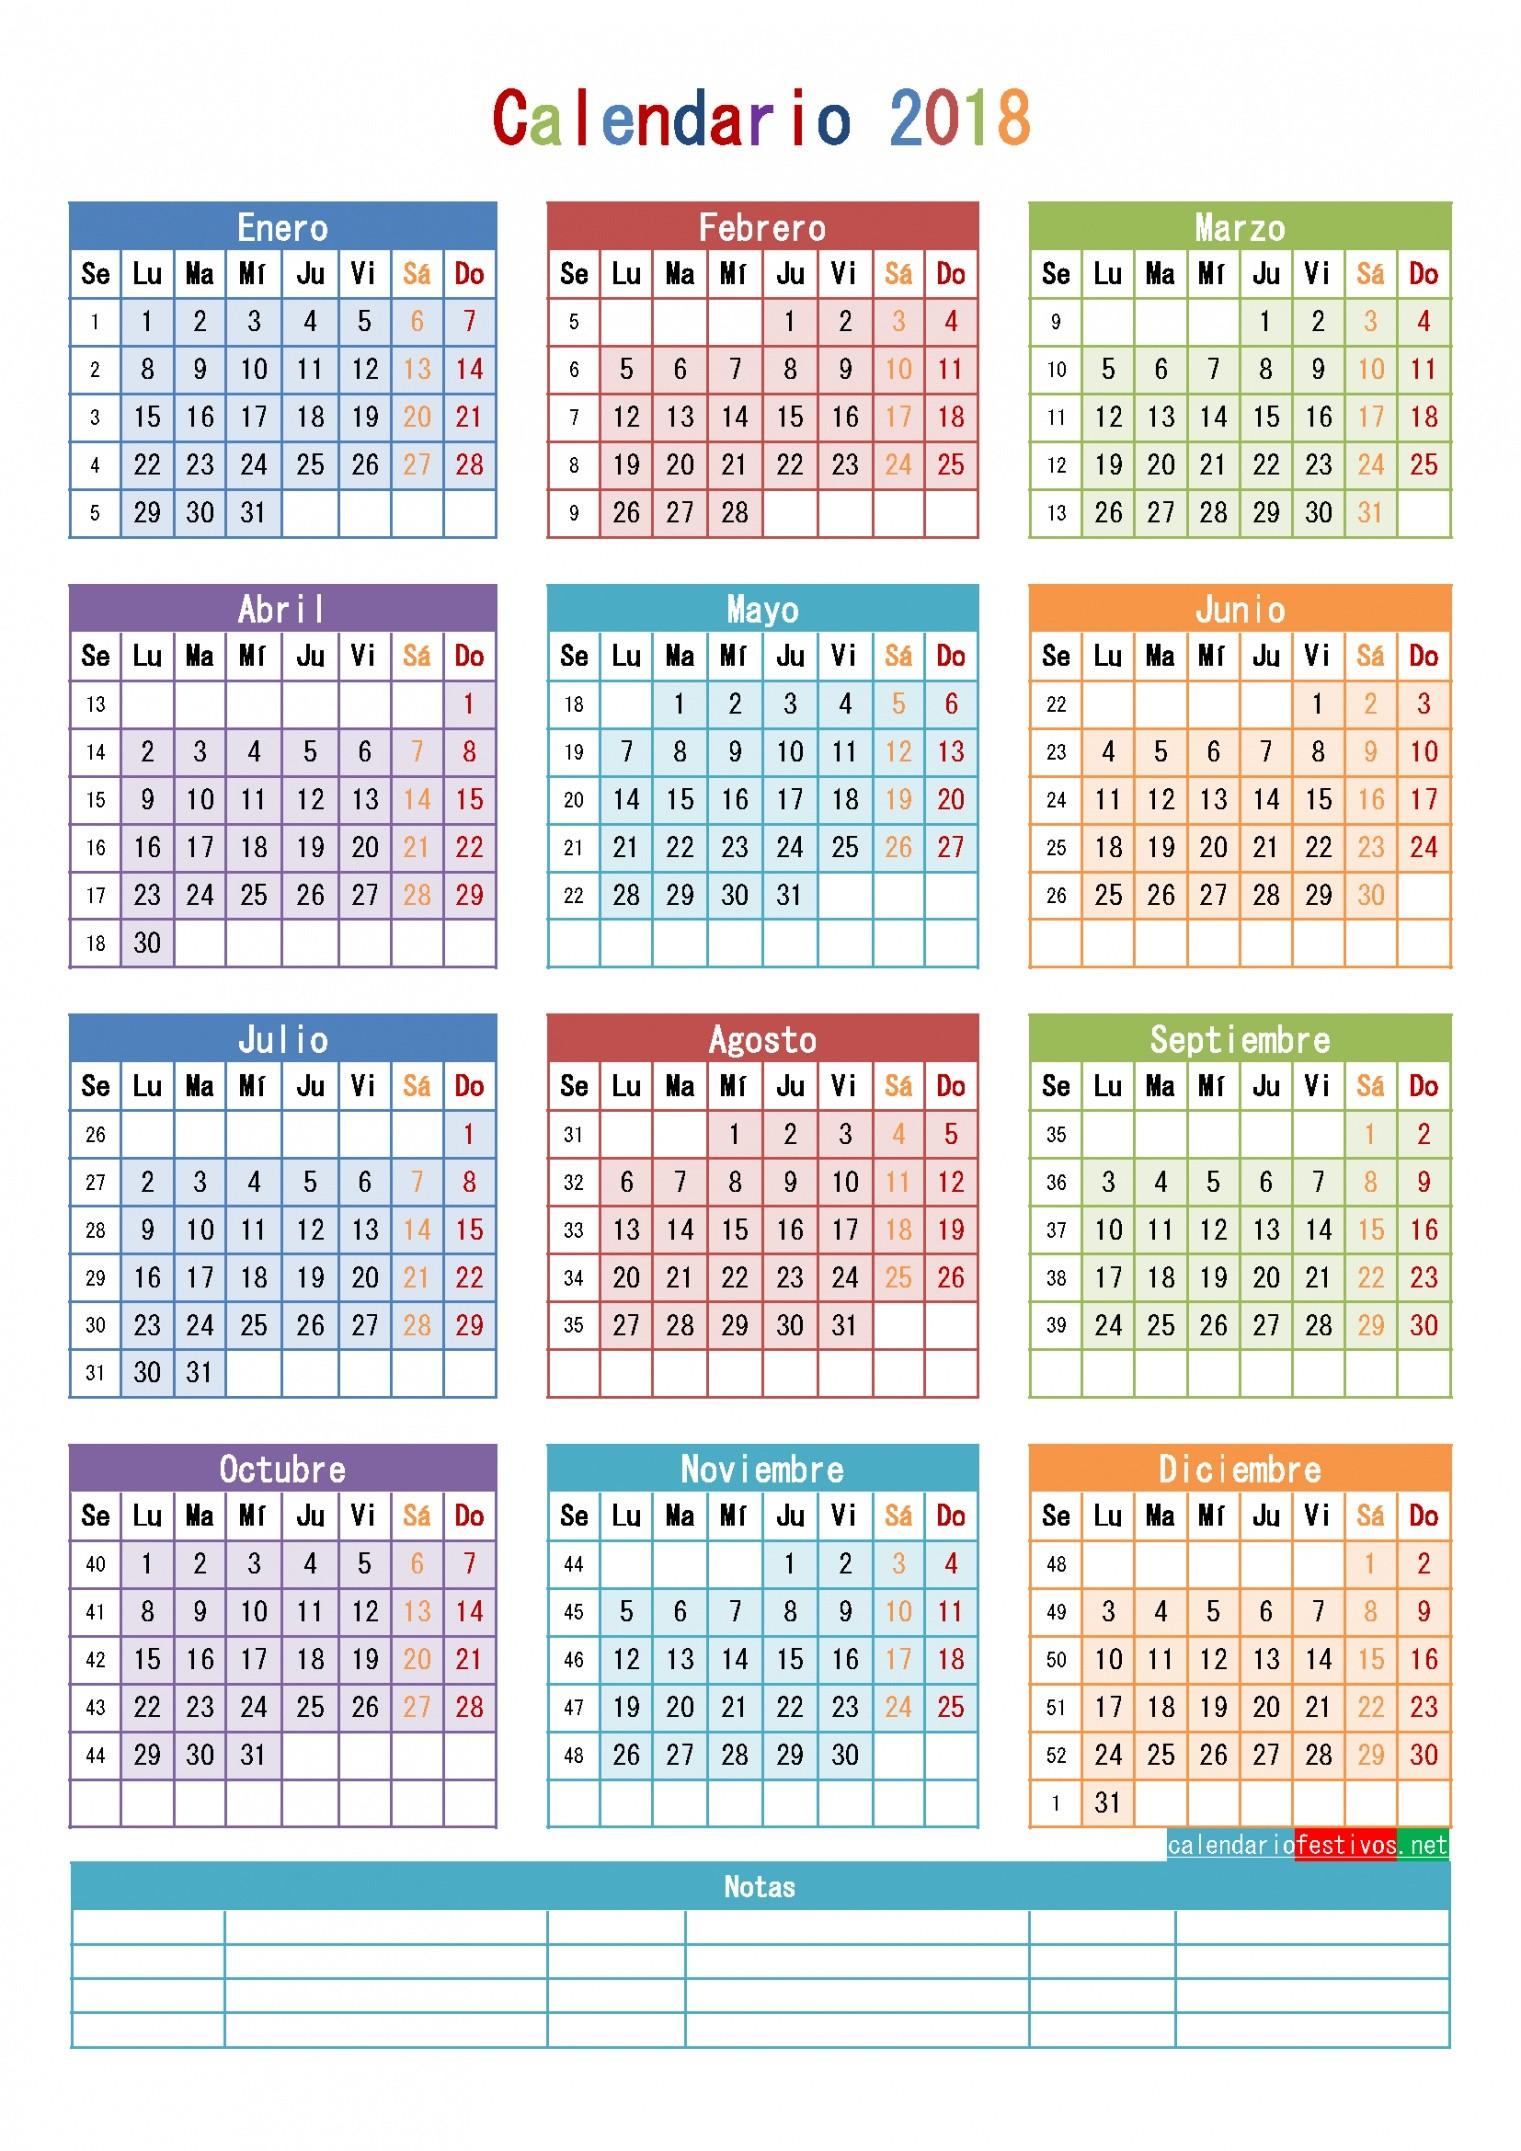 Calendario 2019 andalucia Más Actual Calendario 2018 Con Festivos — Fiesta De Lamusica Medellin